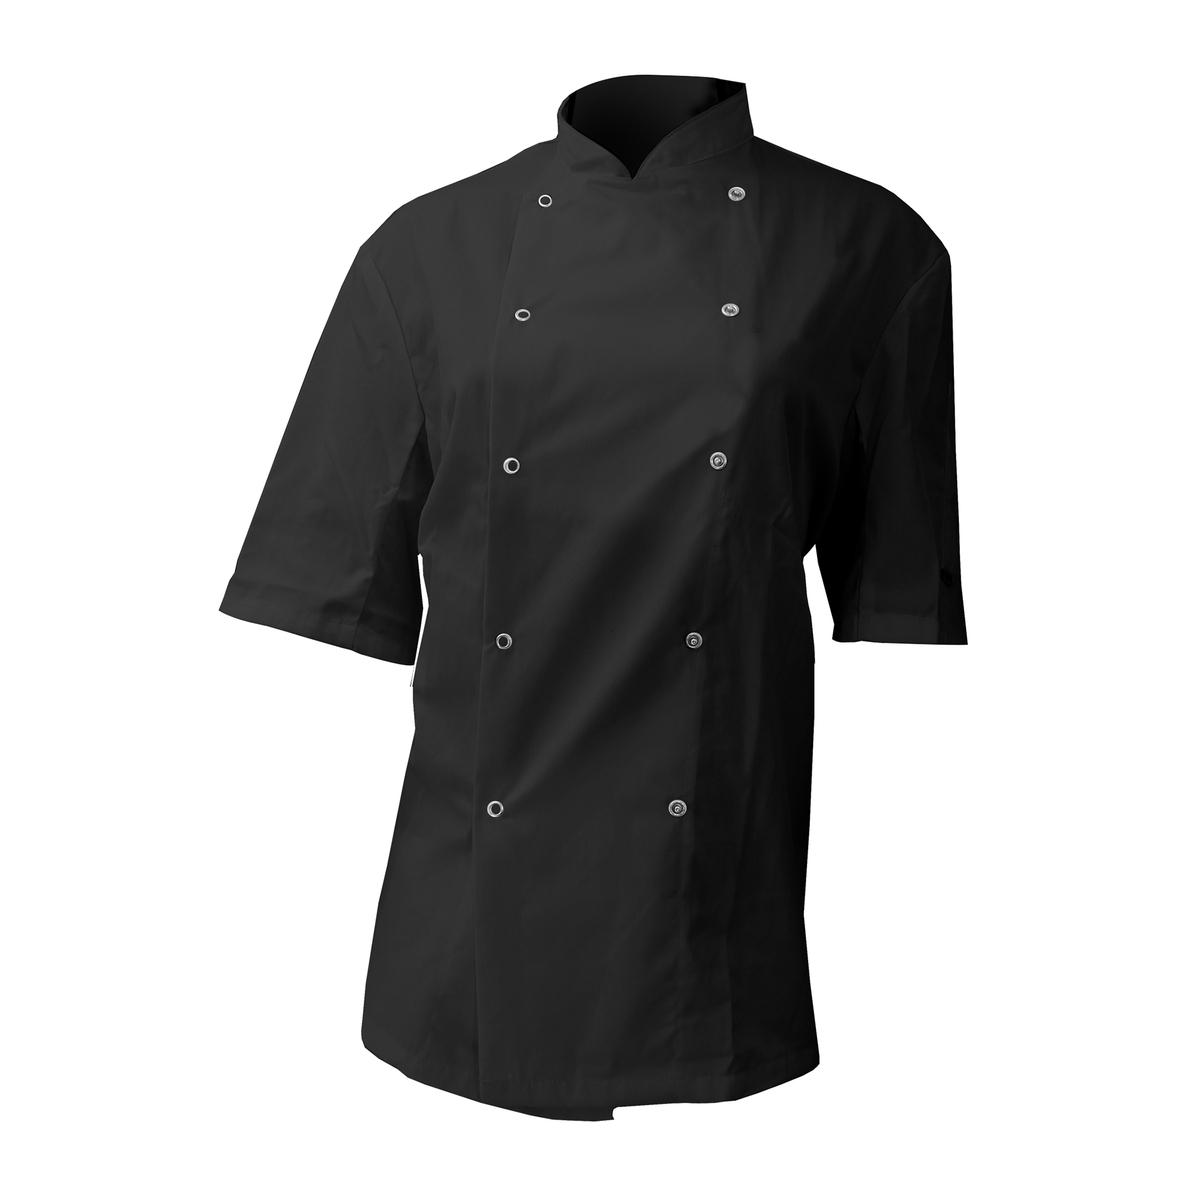 作業服 作業着 エプロン ユニフォーム 料理人 デニーズ Dennys メンズ コック シェフ 調理師用 調理衣 キッチン 制服 格安 価格でご提供いたします AFD シェフジャケット コックコート 男性用 厨房 ふるさと割 調理服 海外直送